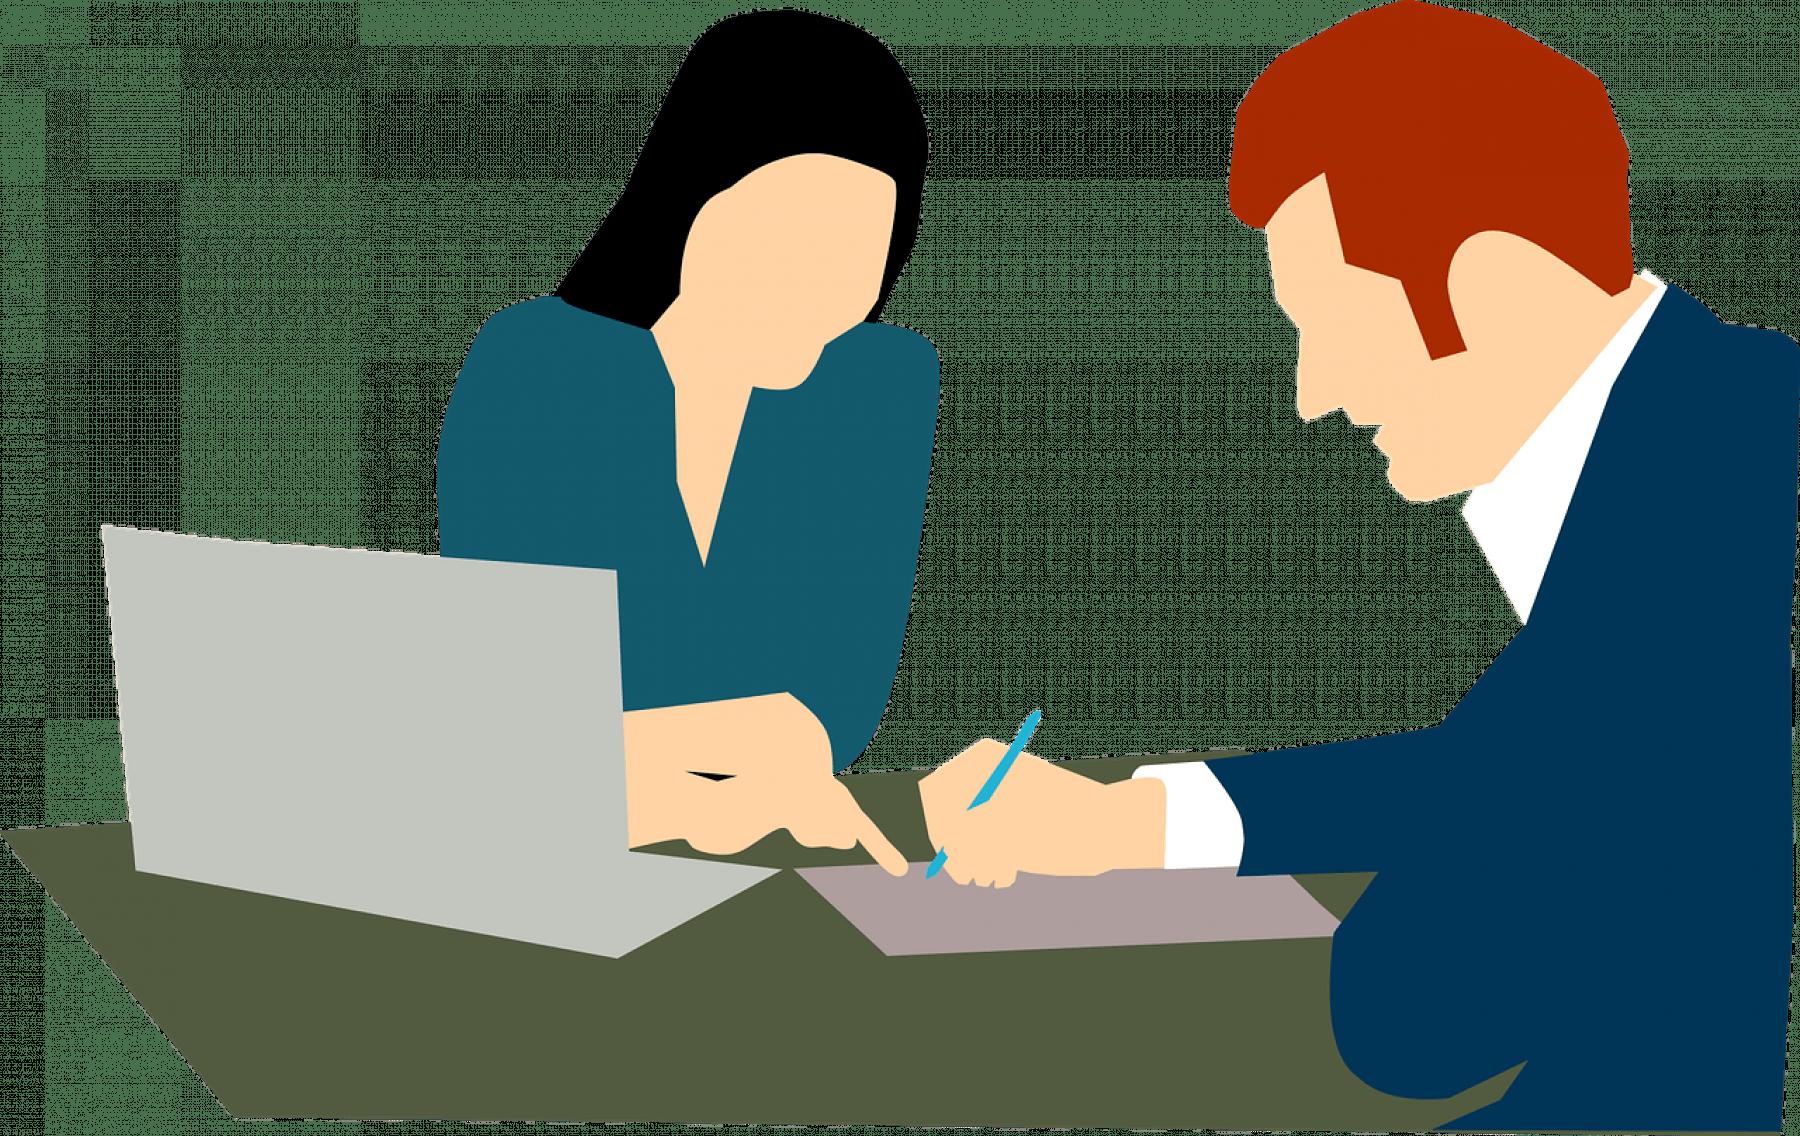 Animerad bild där två personer sitter vid ett bord med en laptop och papper